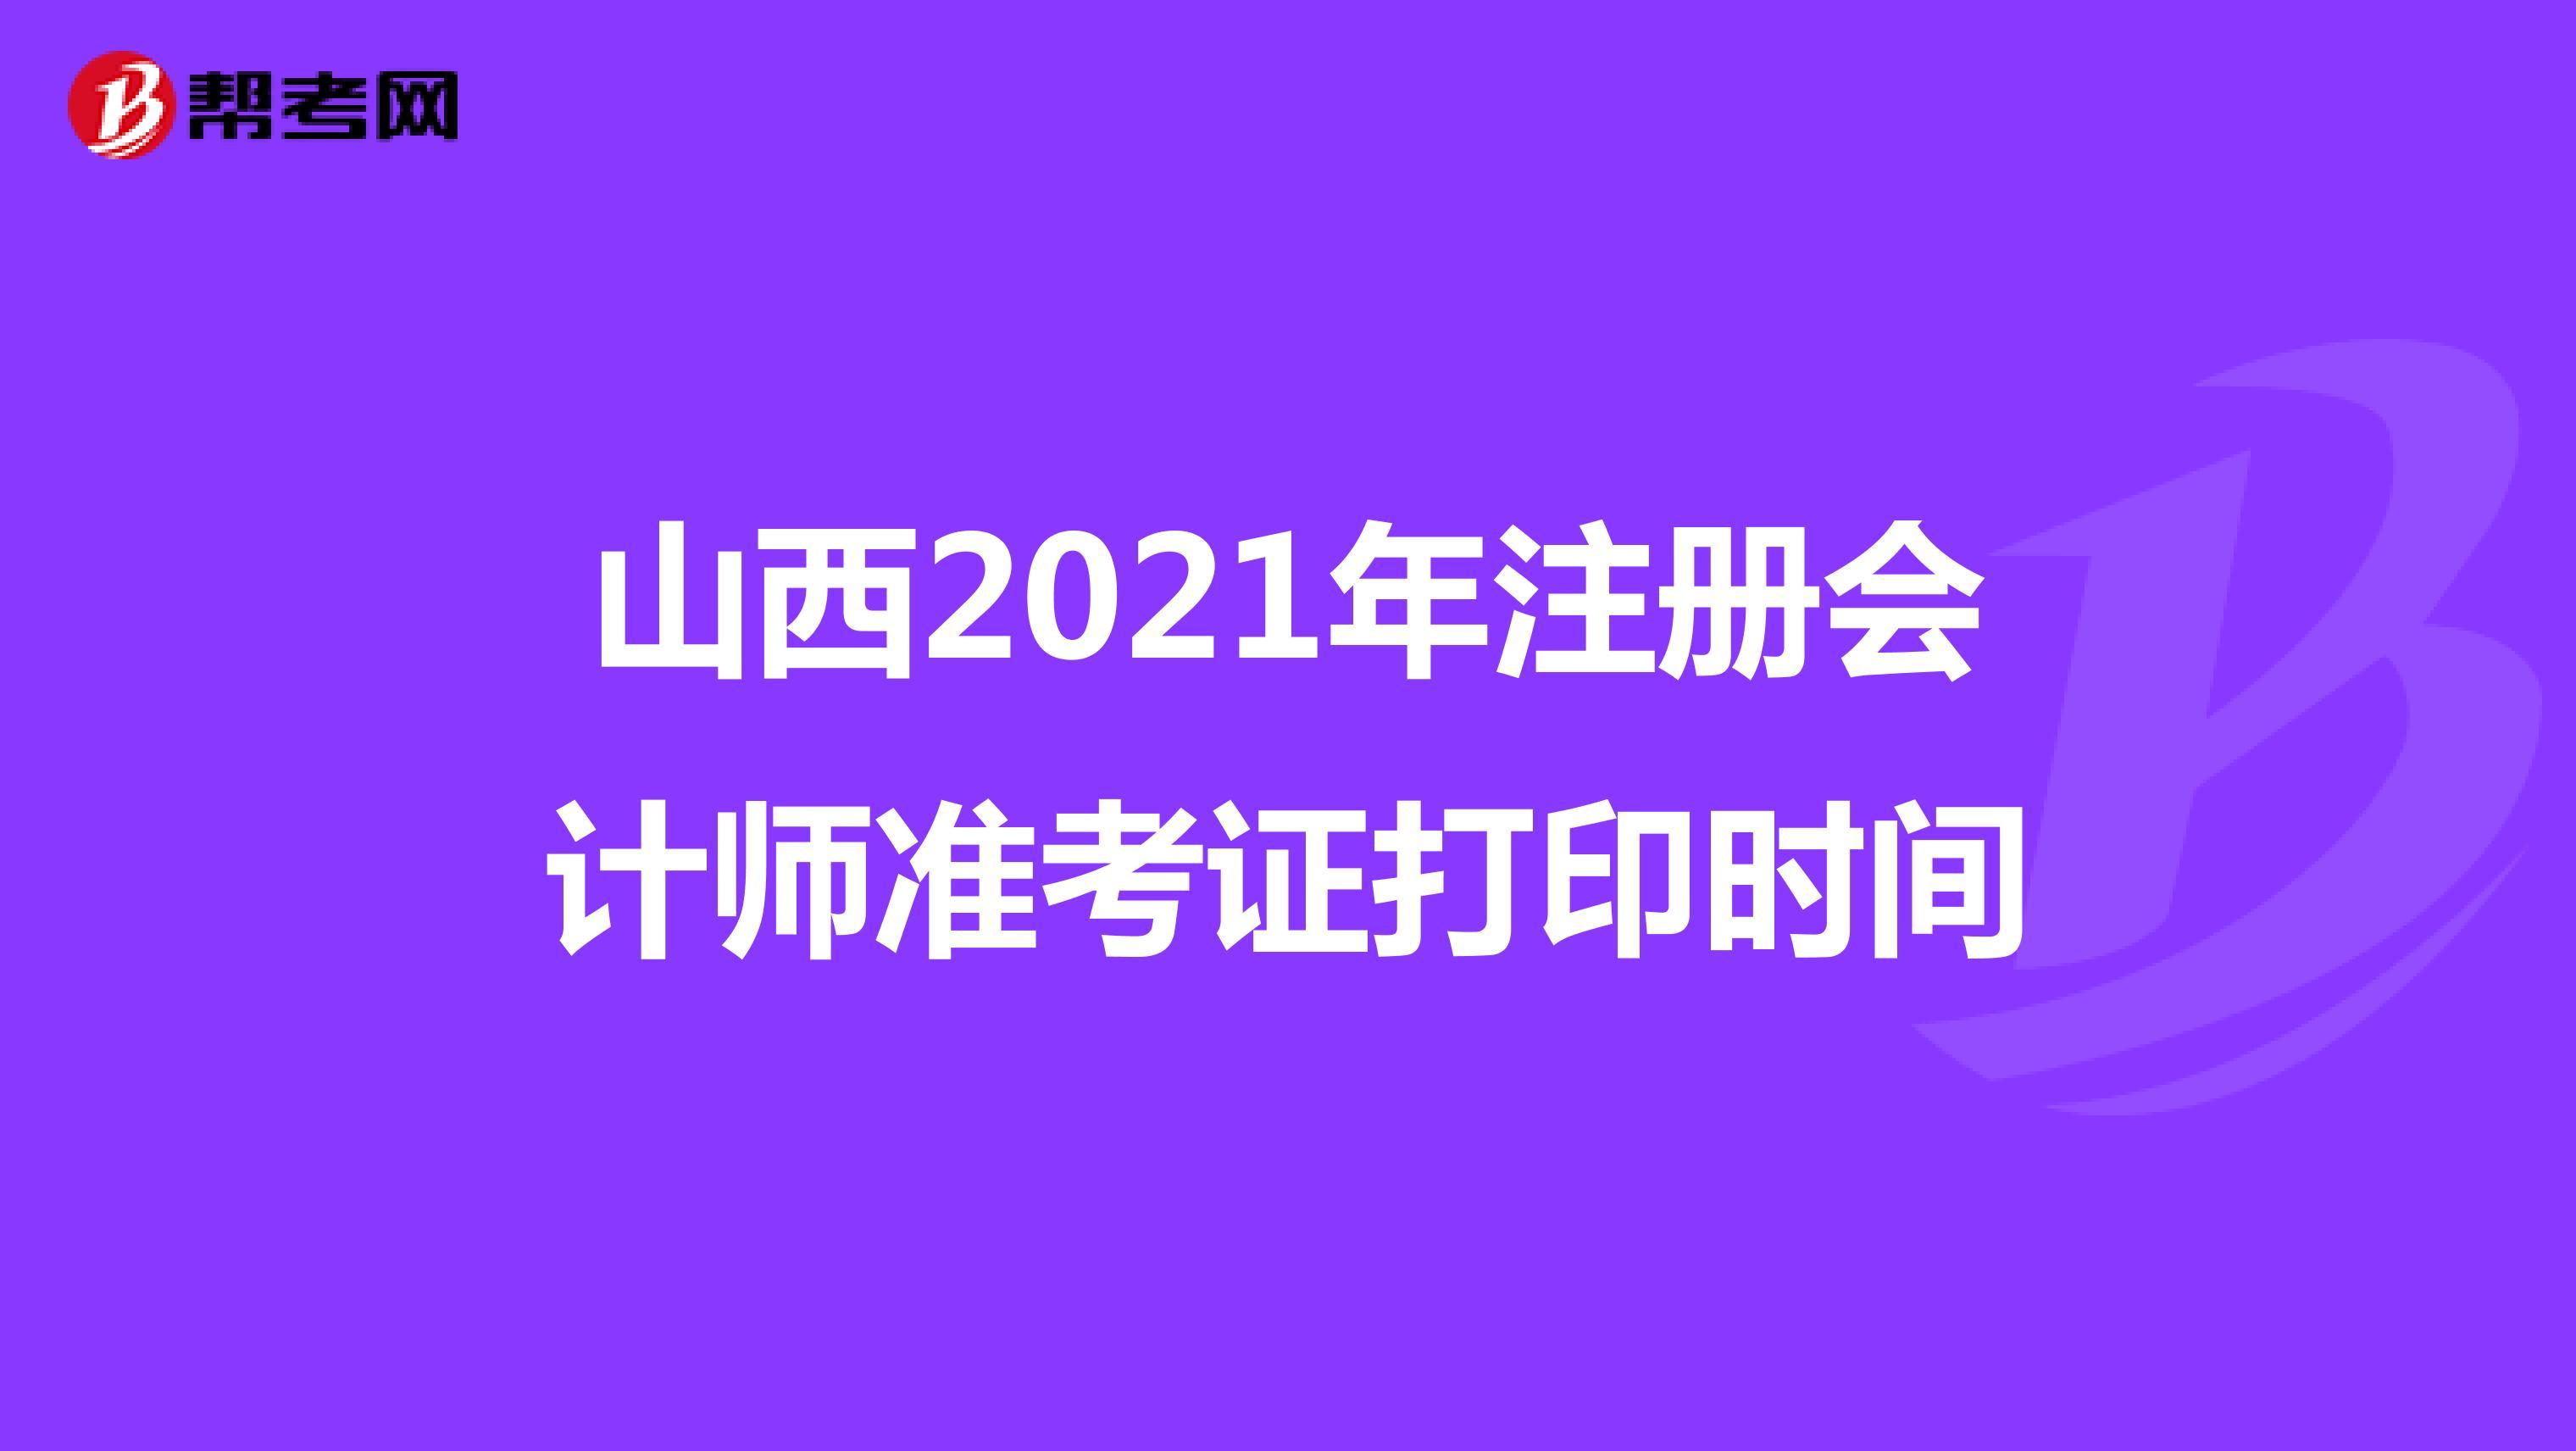 山西2021年注册会计师准考证打印时间